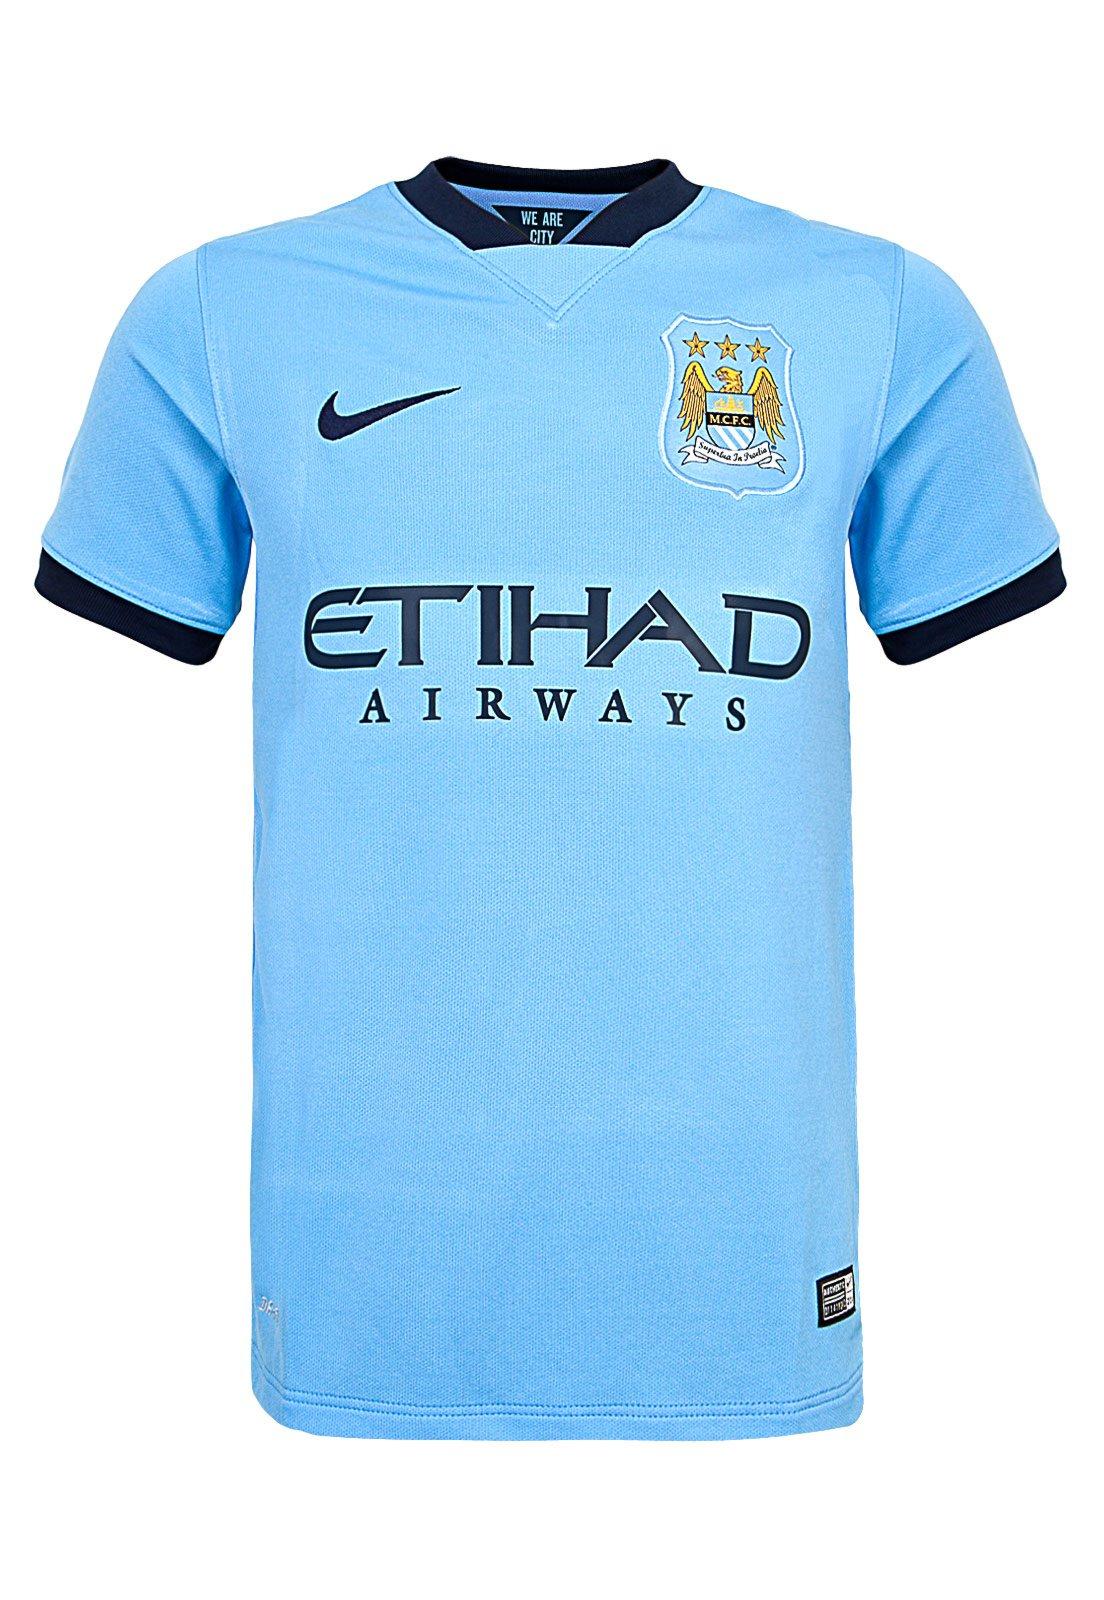 Camiseta Nike Manchester City Infantil Ss Home Stadium Azul Compre Agora Kanui Brasil